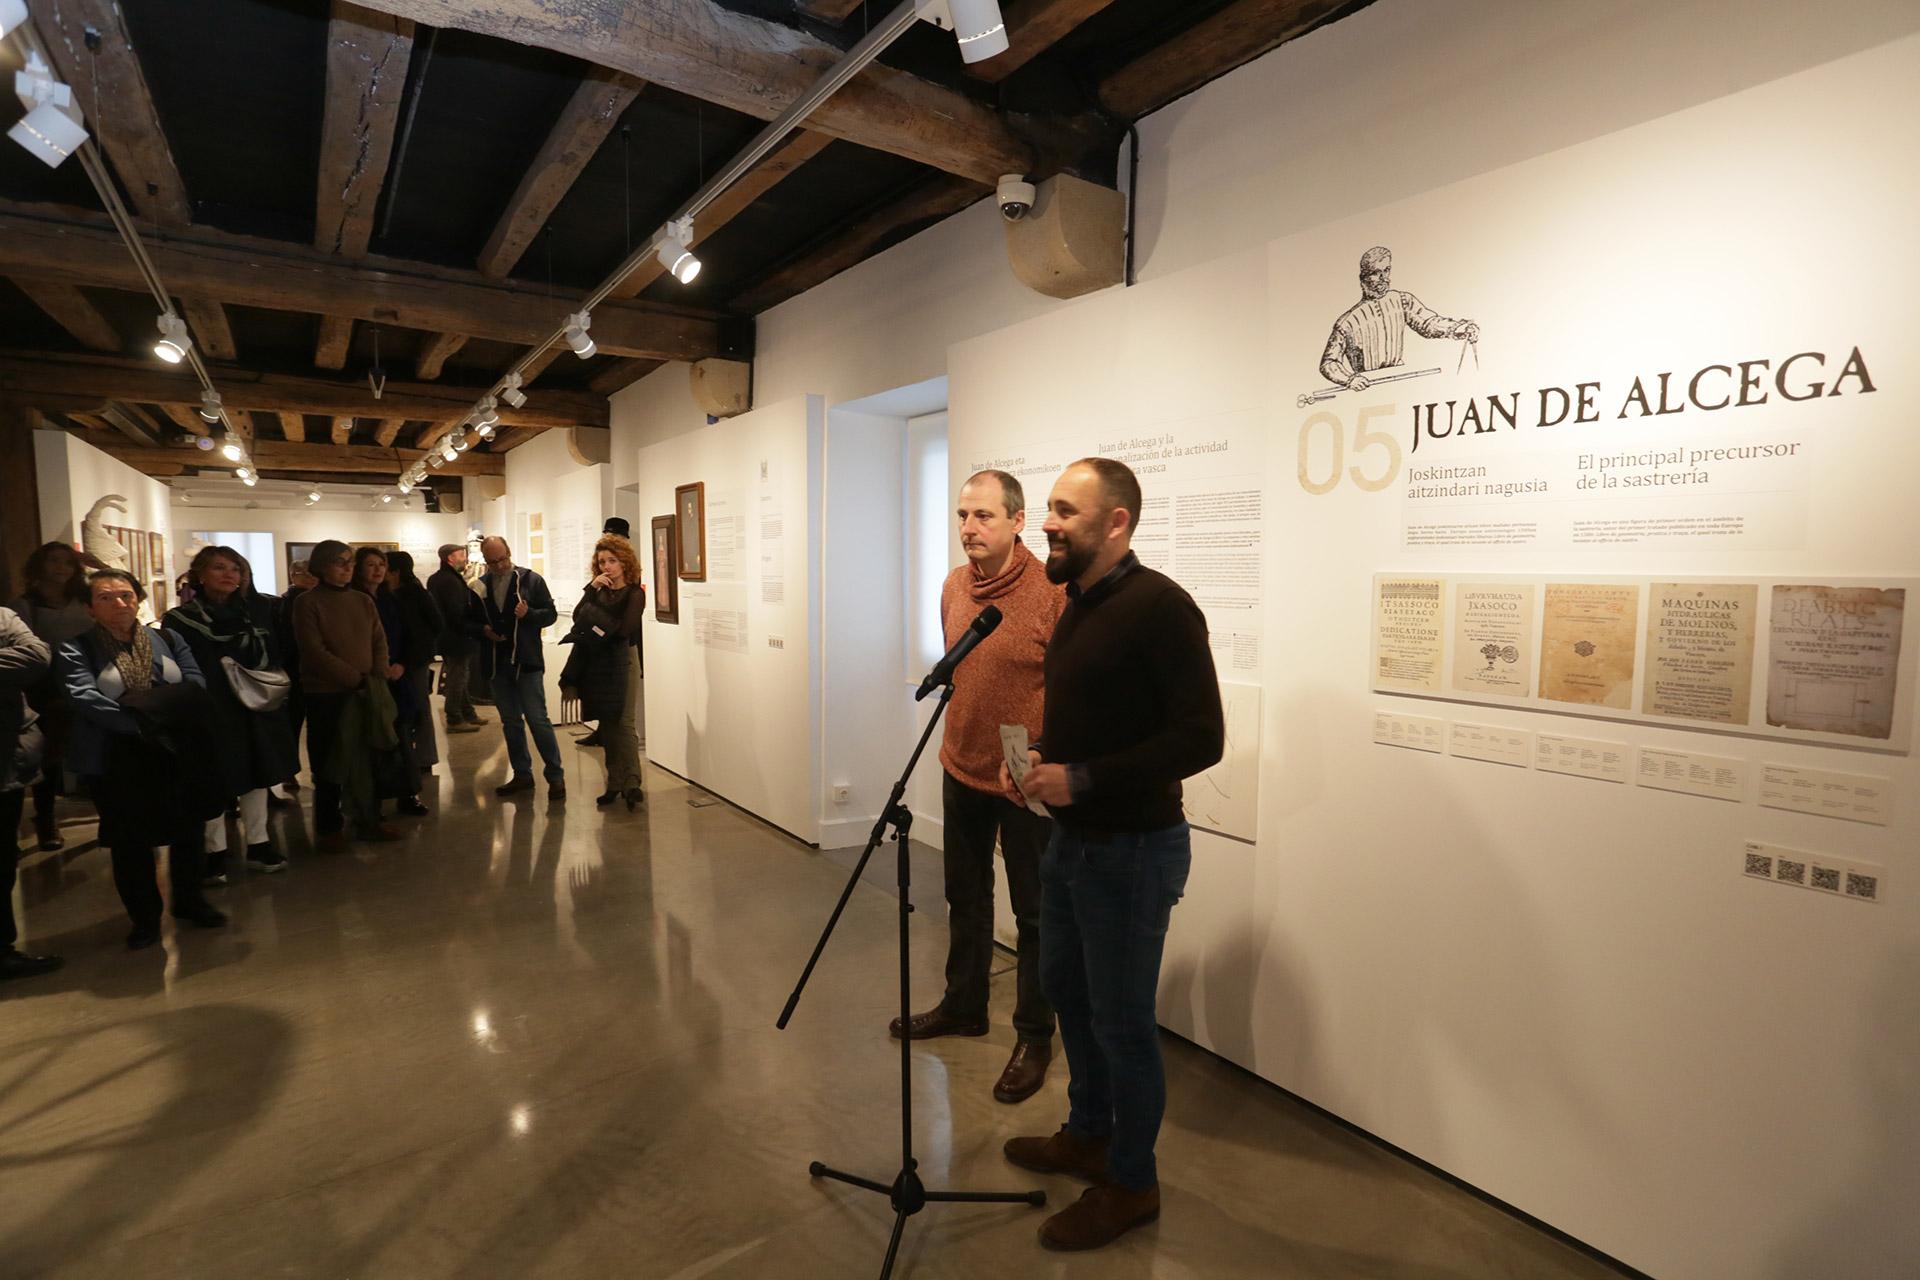 Exposición Juan de Alcega, imagen de galería